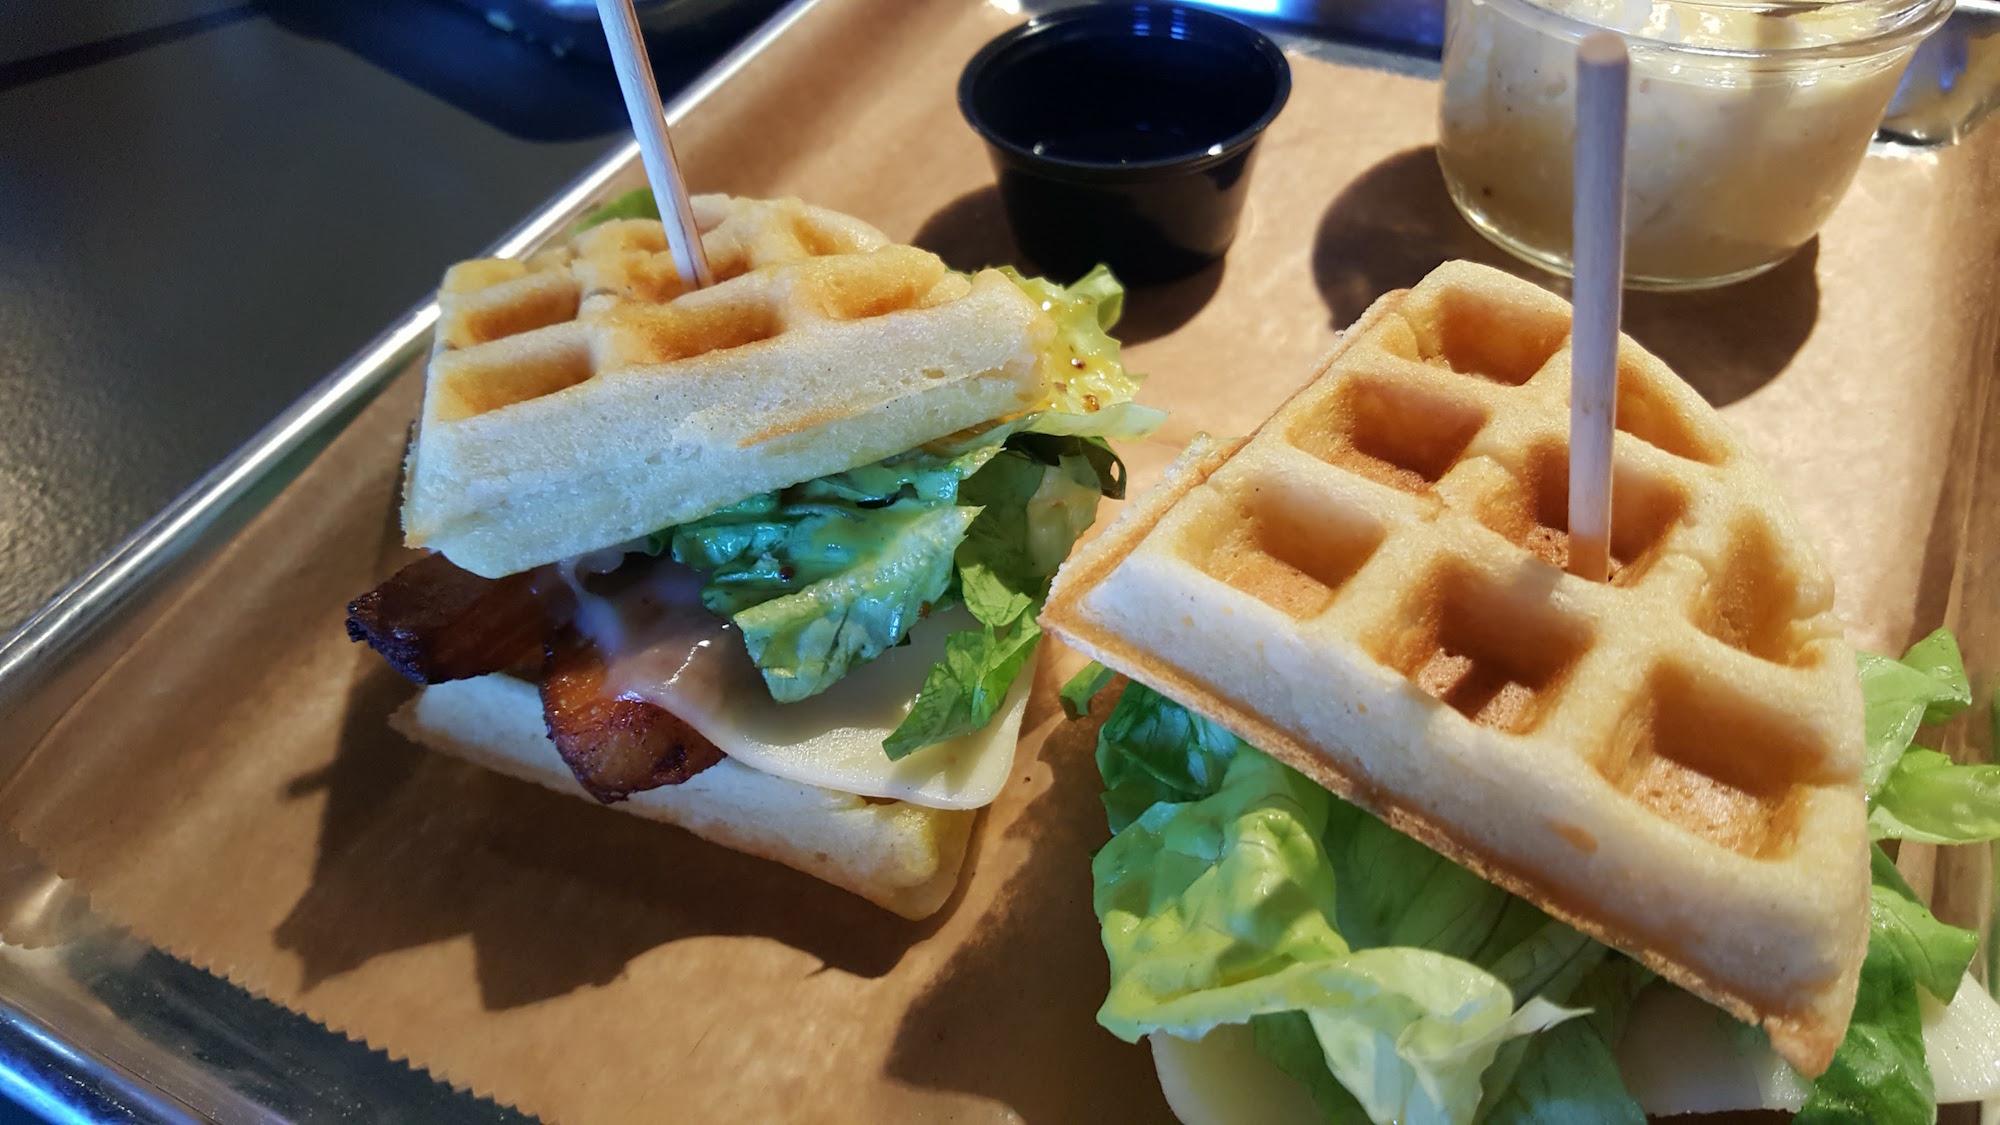 SoHo Social Pork Belly & Waffle Sliders